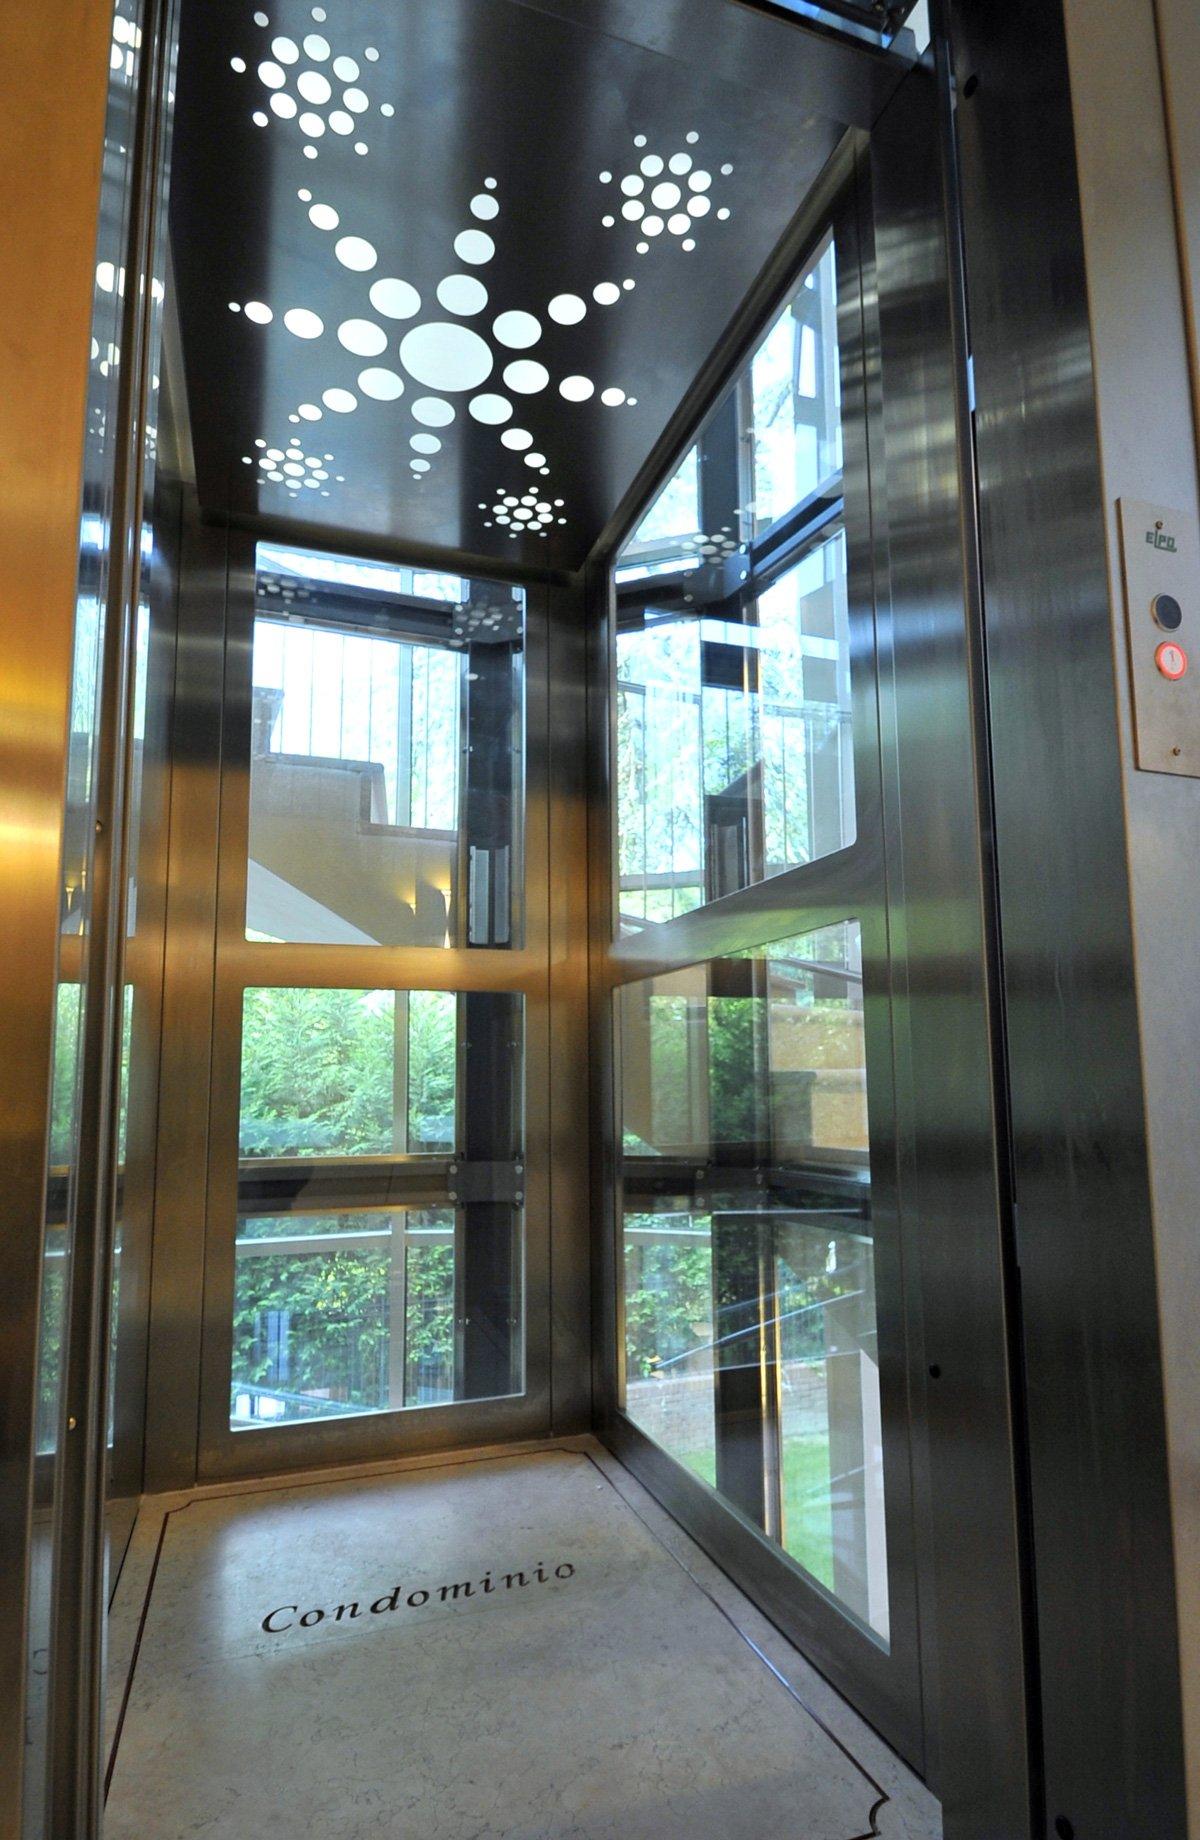 Elegant Installazione E Manutenzione Raffinato Ascensore Panoramico In Elegante  Condominio ...